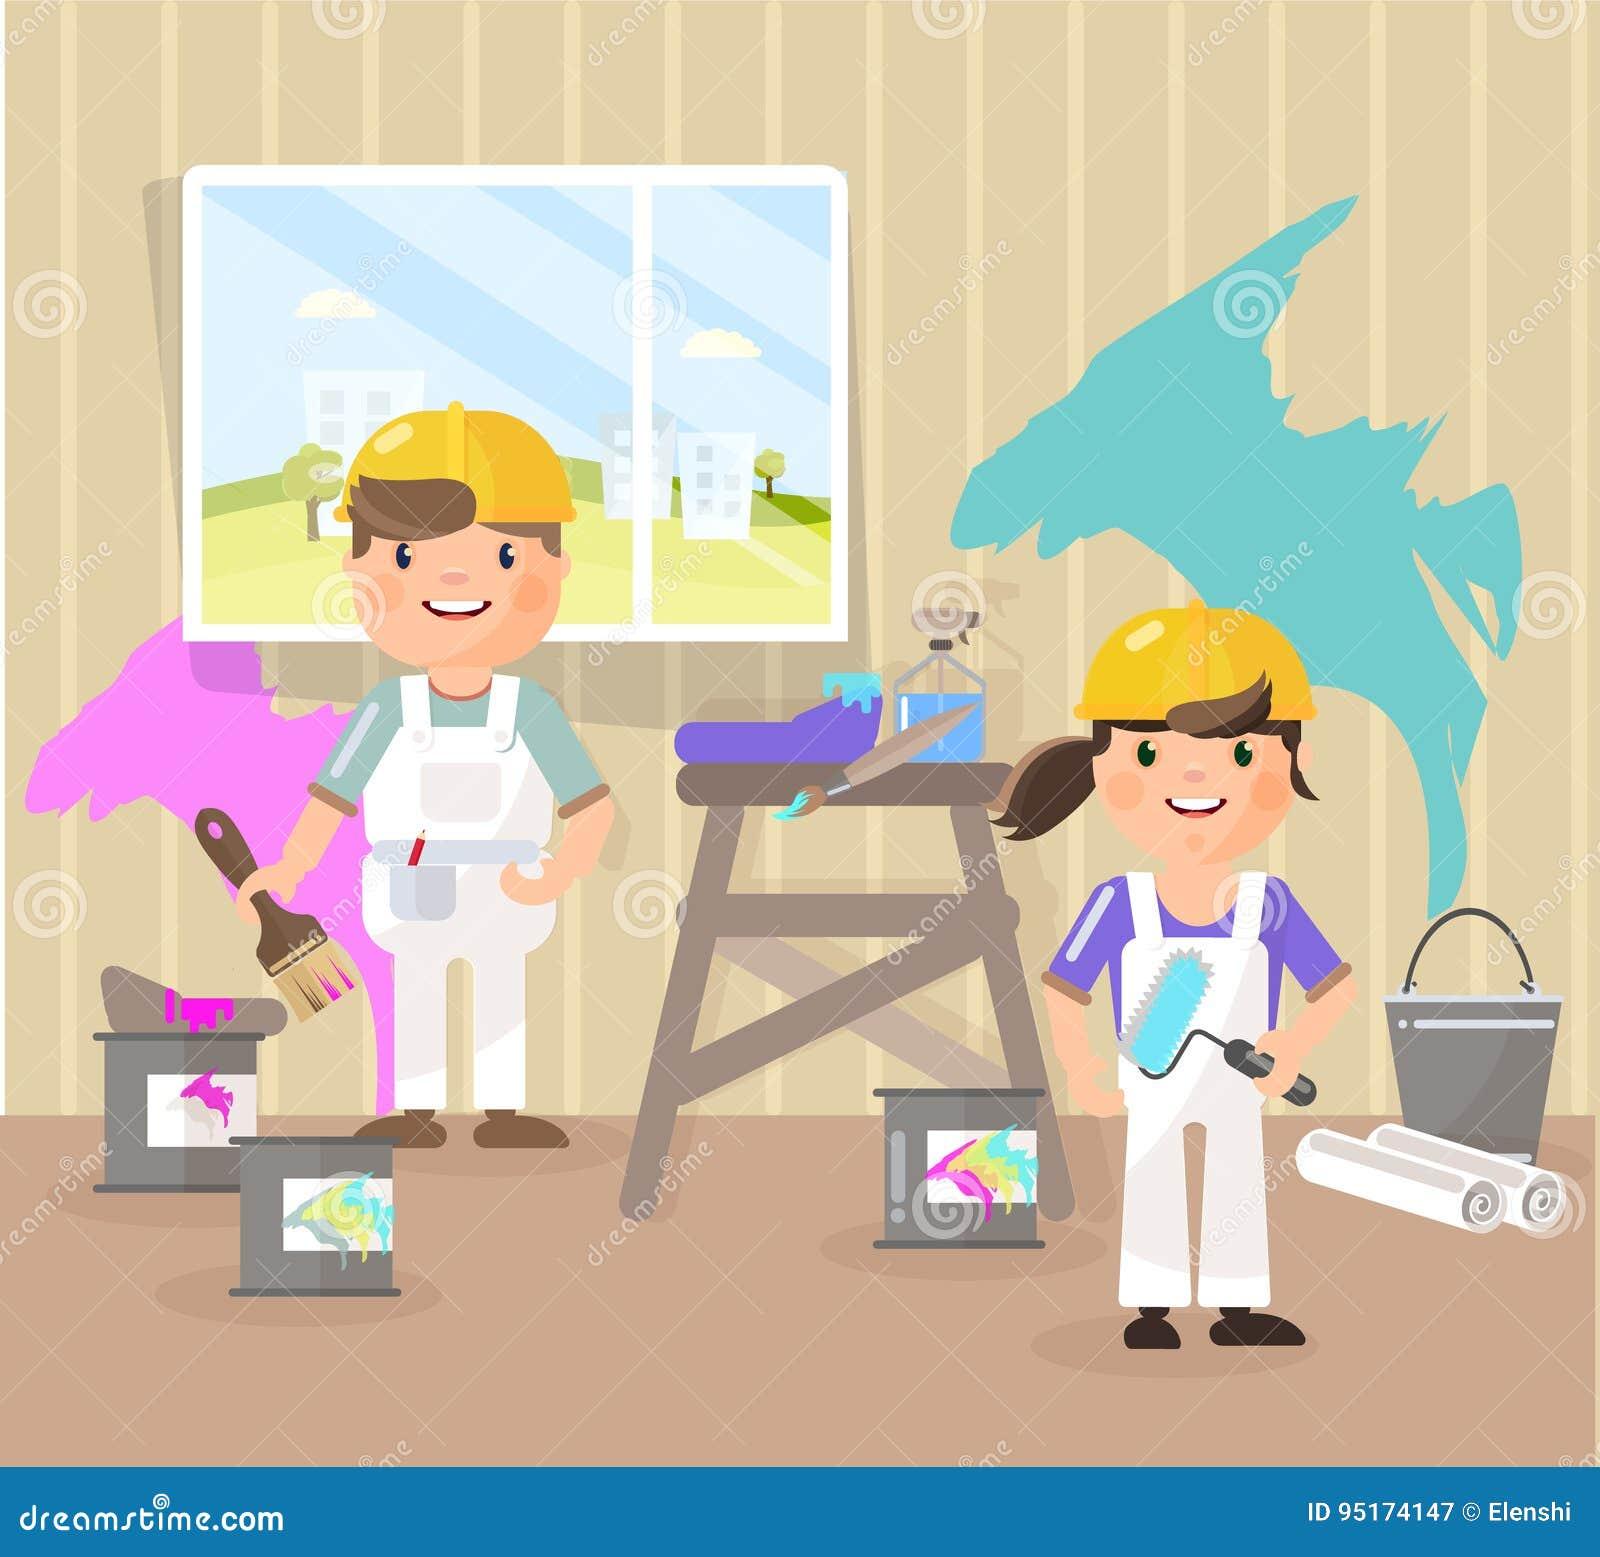 Wektorowy obrazek w stylu mieszkania, kreskówka Malarzi malują pokój, podnoszą up kolor błękit, menchia